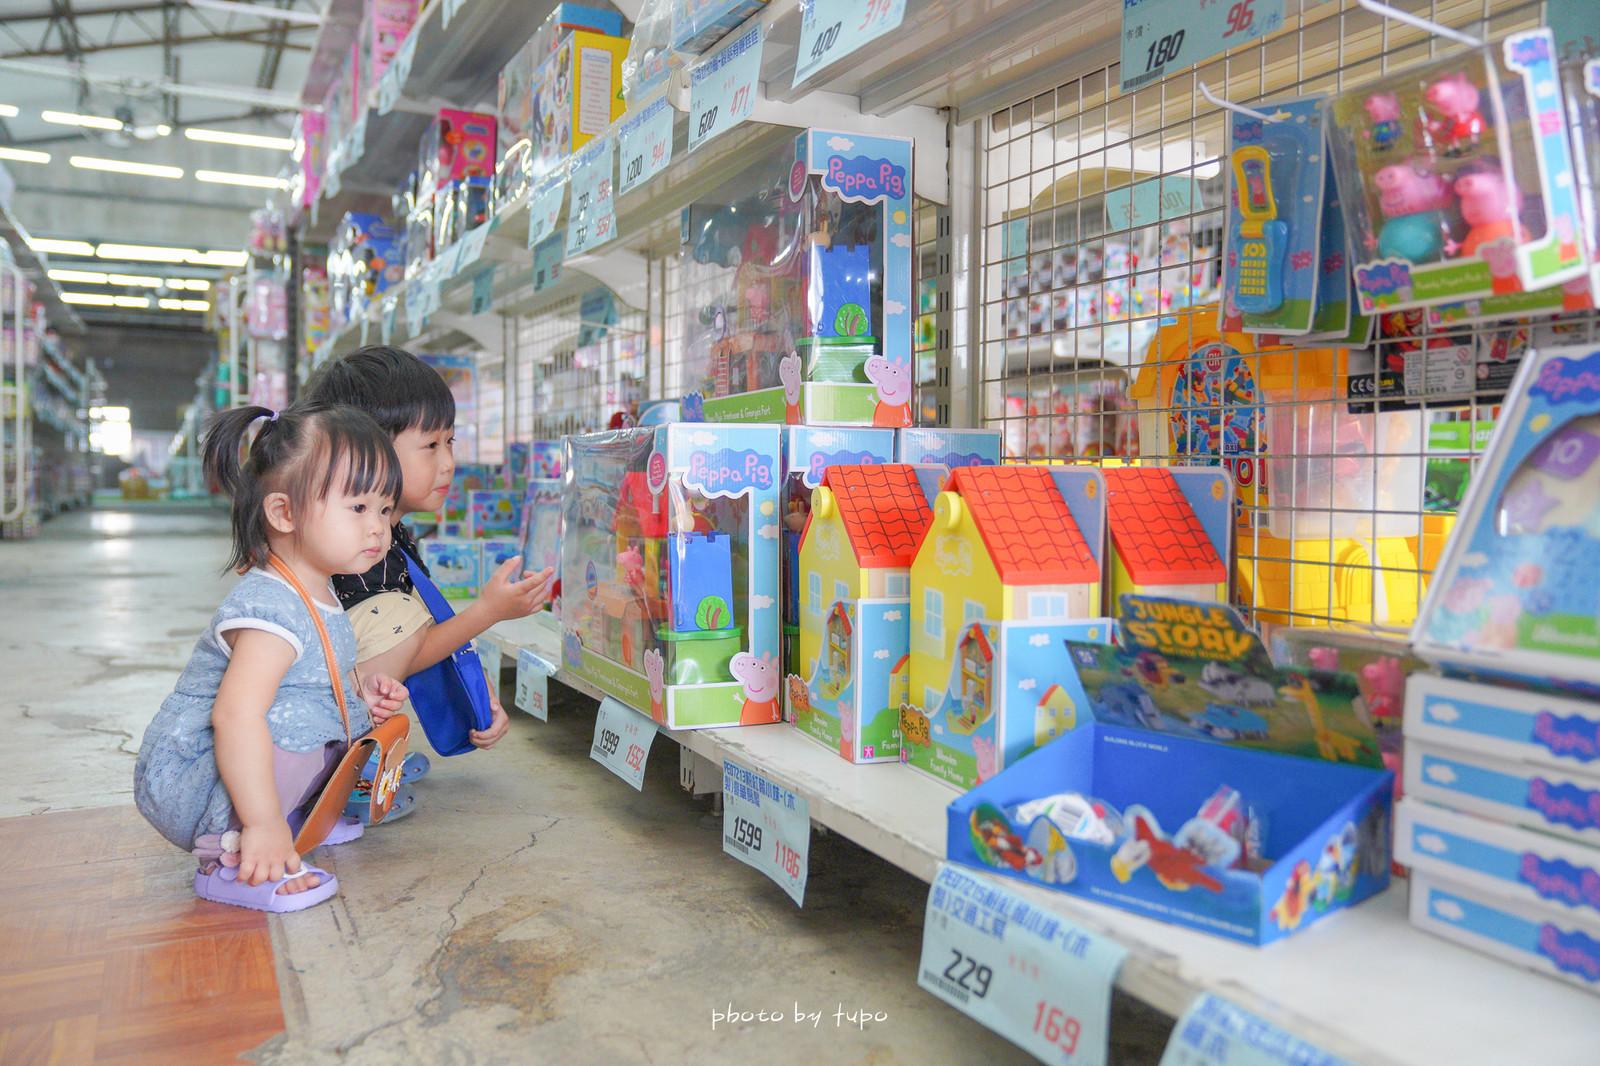 即時熱門文章:彰化新景點》花鹿鹿玩具倉庫,中部最新玩具倉庫新開幕,佔地超過200坪,萬件玩具,聖誕節交換禮物,寶寶玩具優惠都在這!